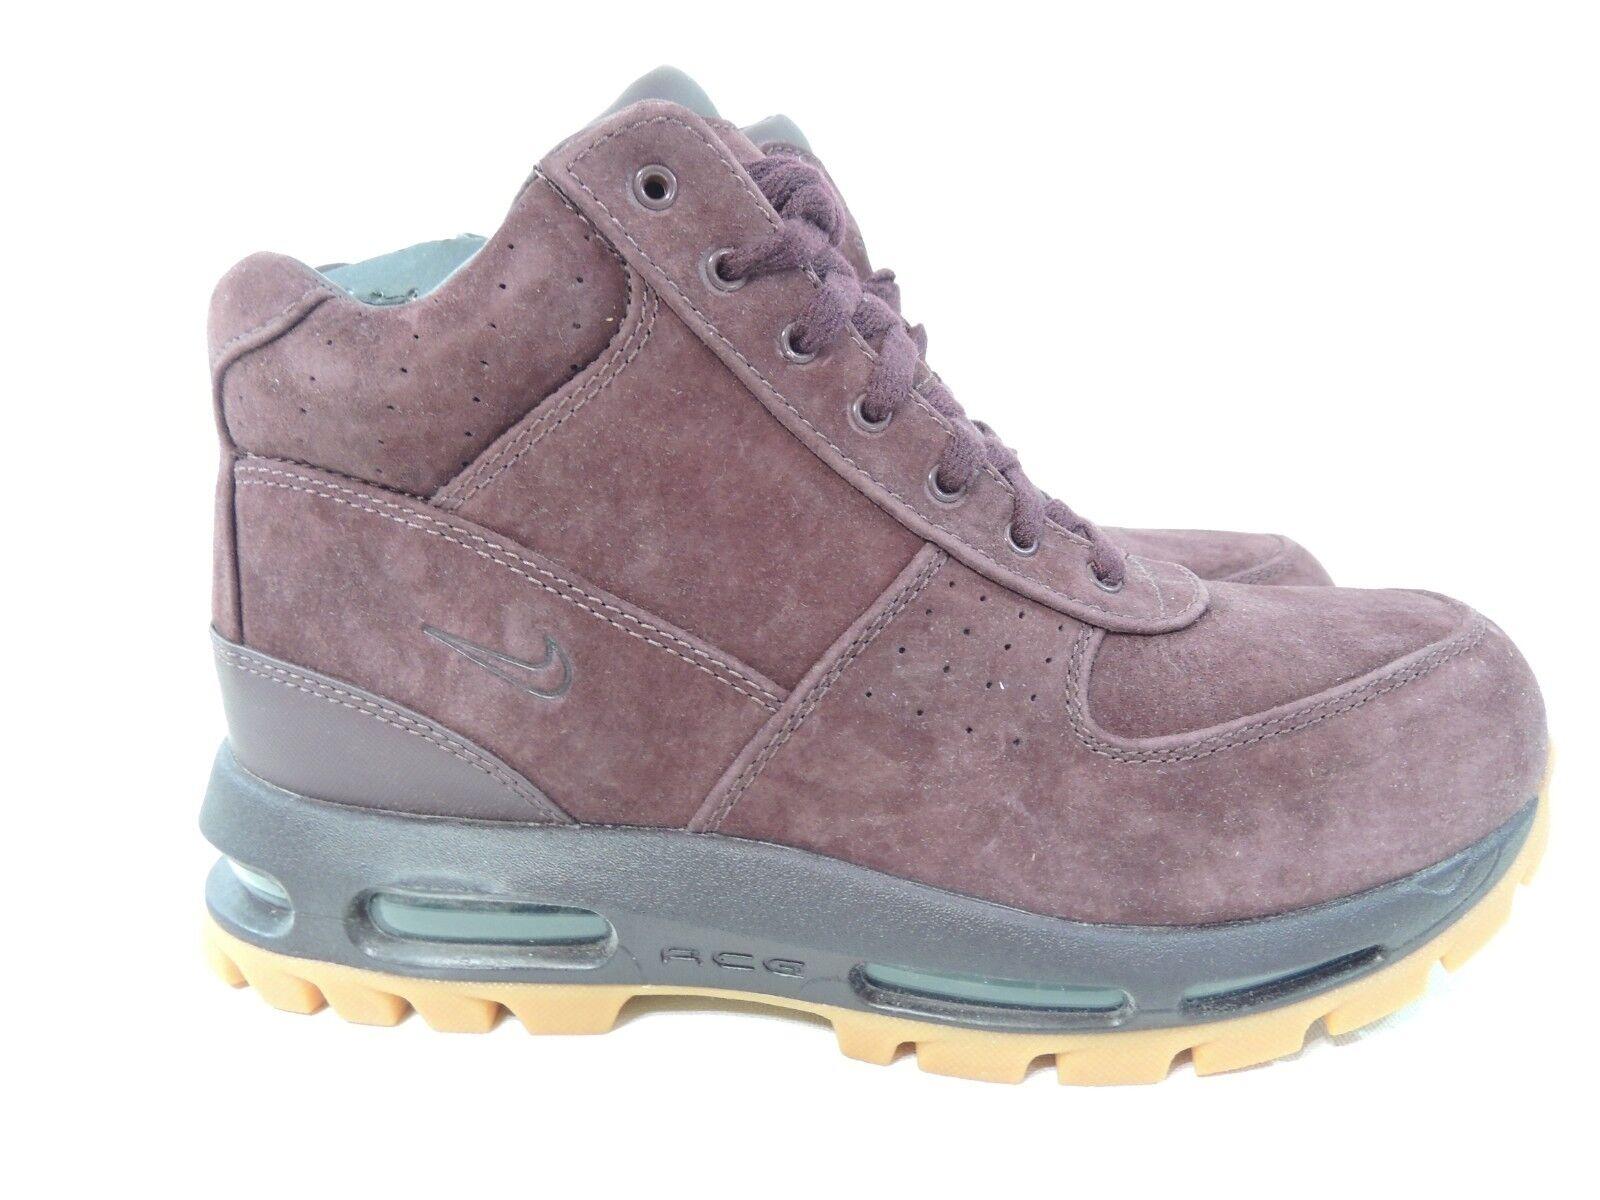 Nike Air Max Goadome 2013 Acg Boots Deep Burgundy Gum Suede